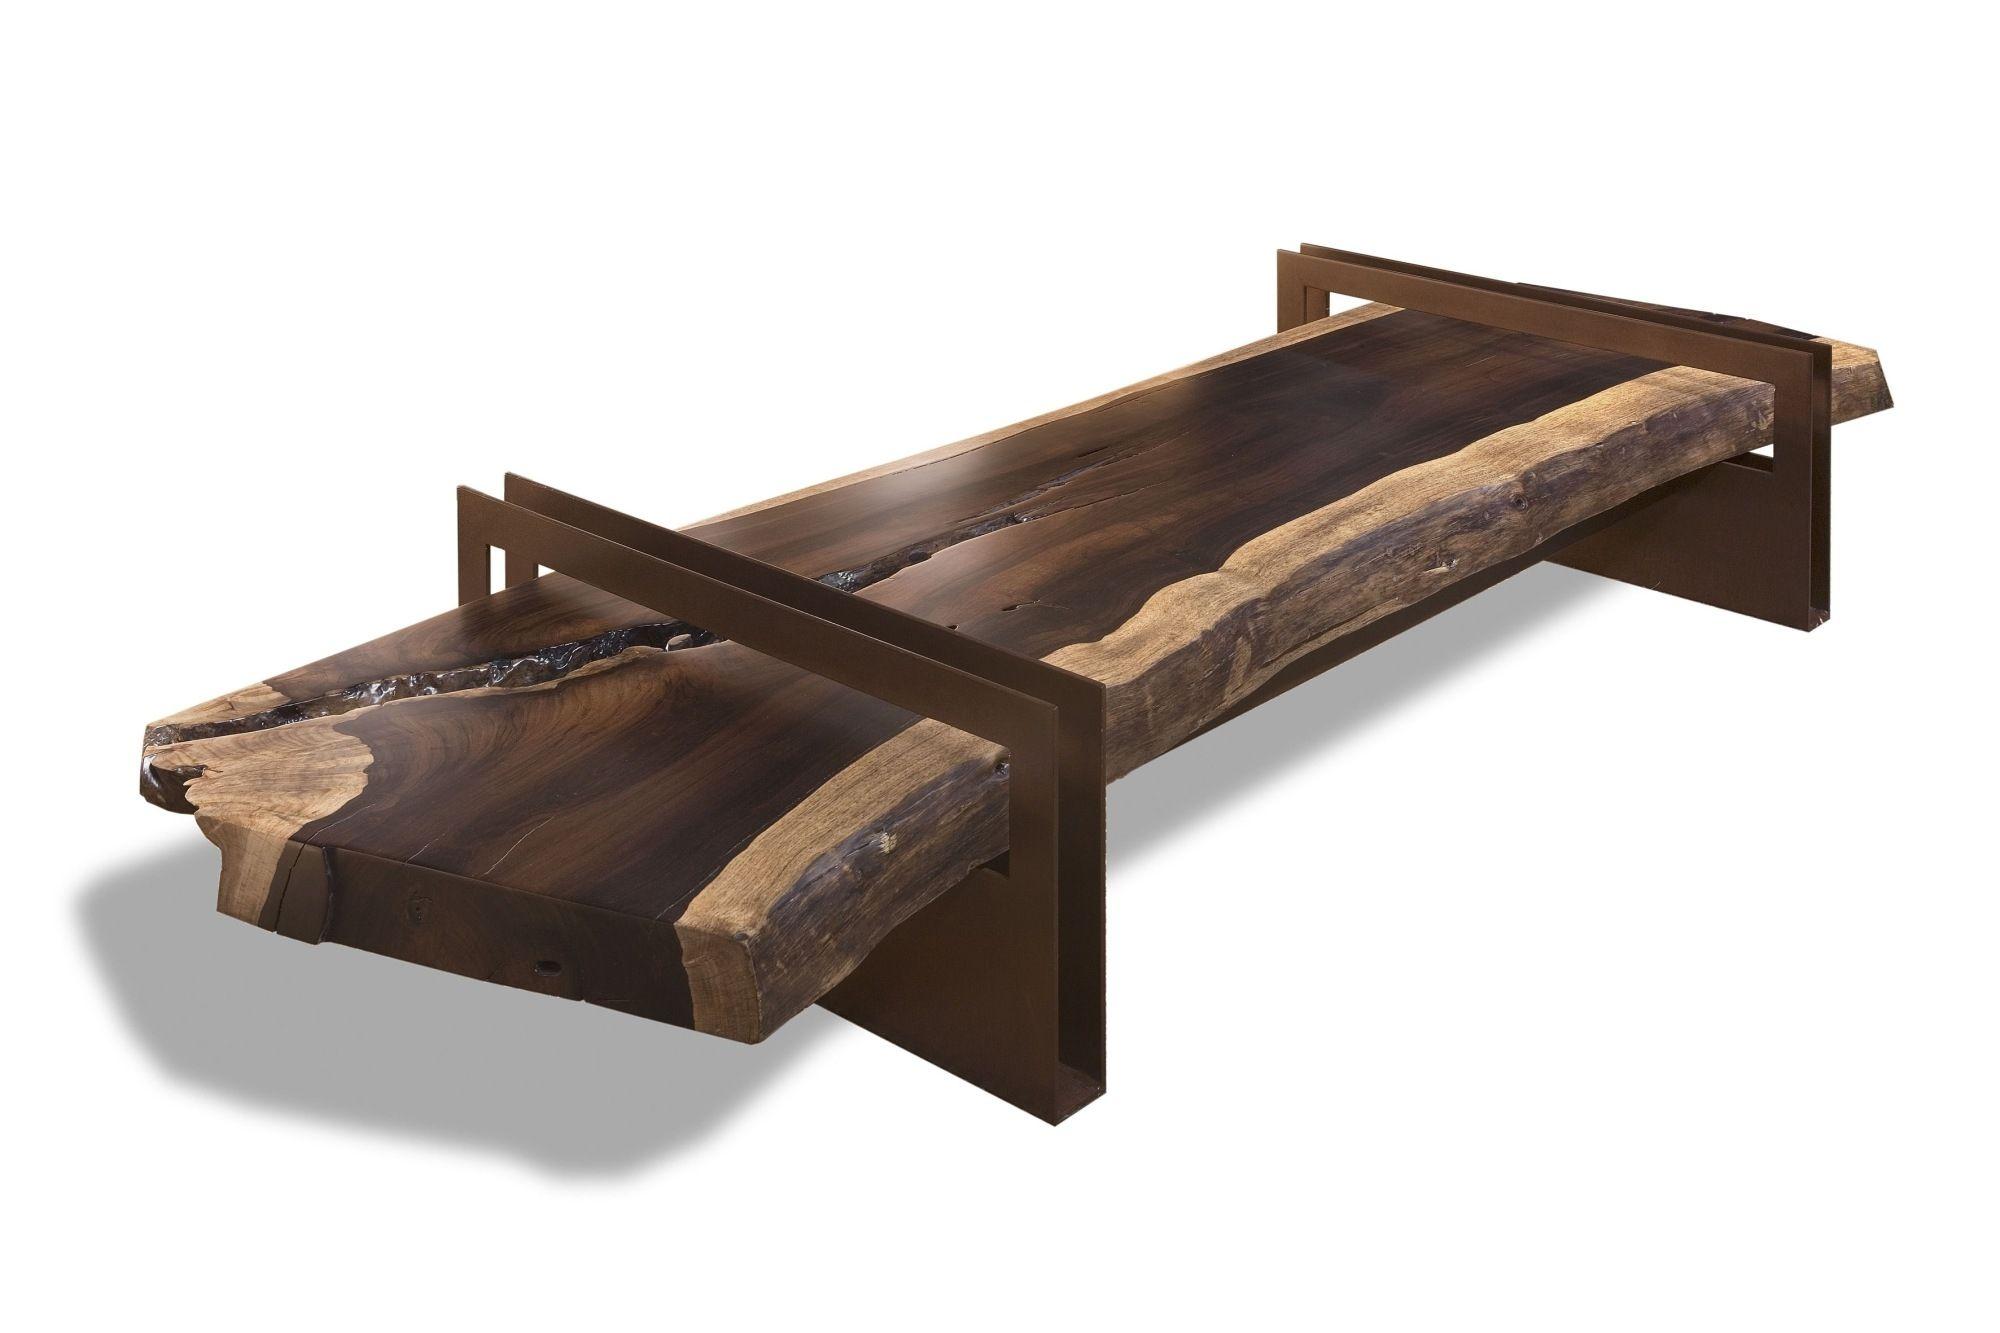 Moderner Couchtisch / Holz / rechteckig / Innenraum - JACARANDA ...